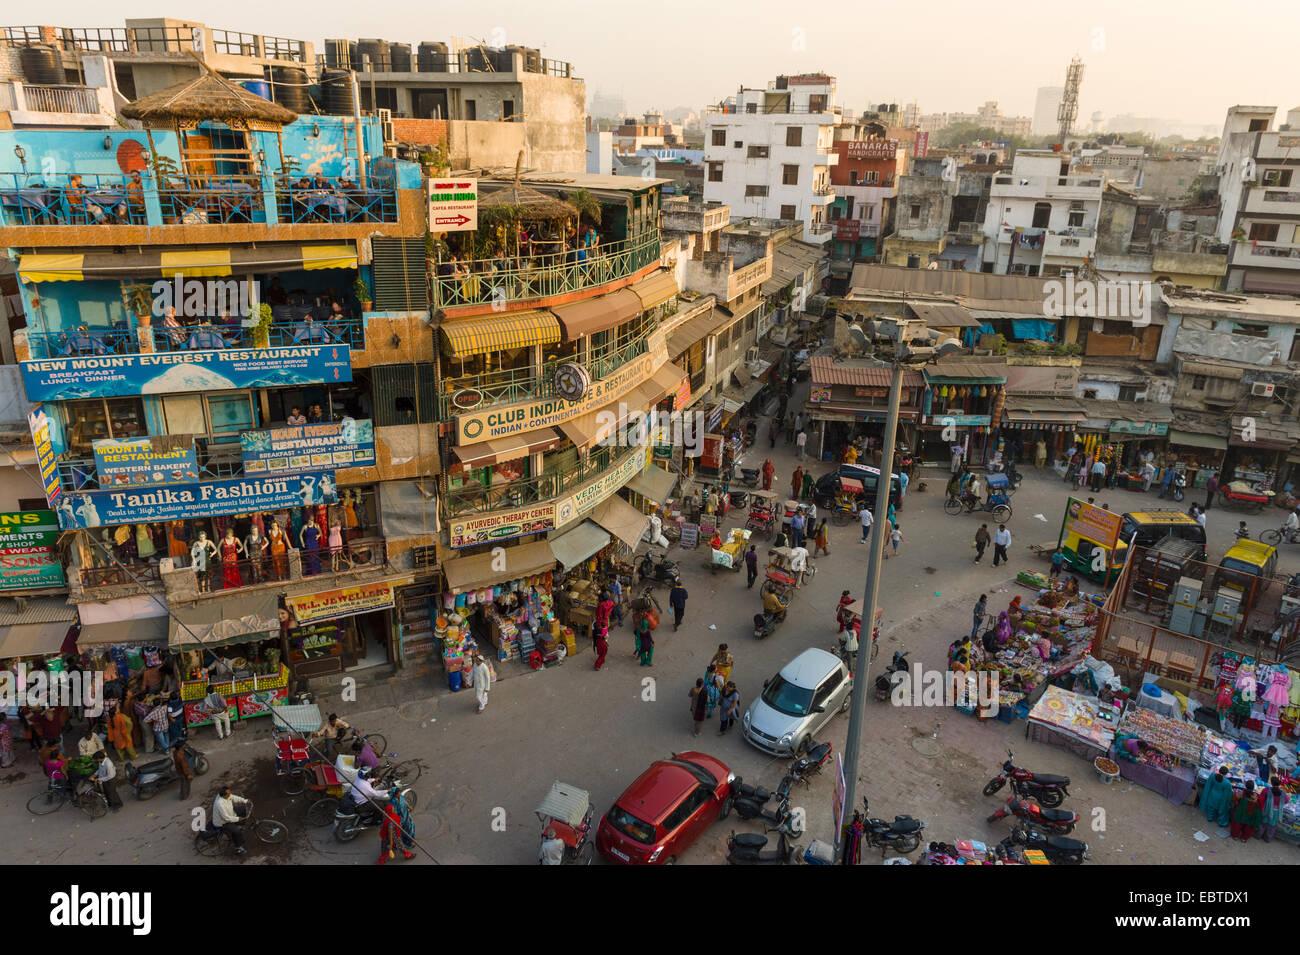 Elevato angolo di visione della trafficata Paharganj Bazaar New Delhi India Immagini Stock